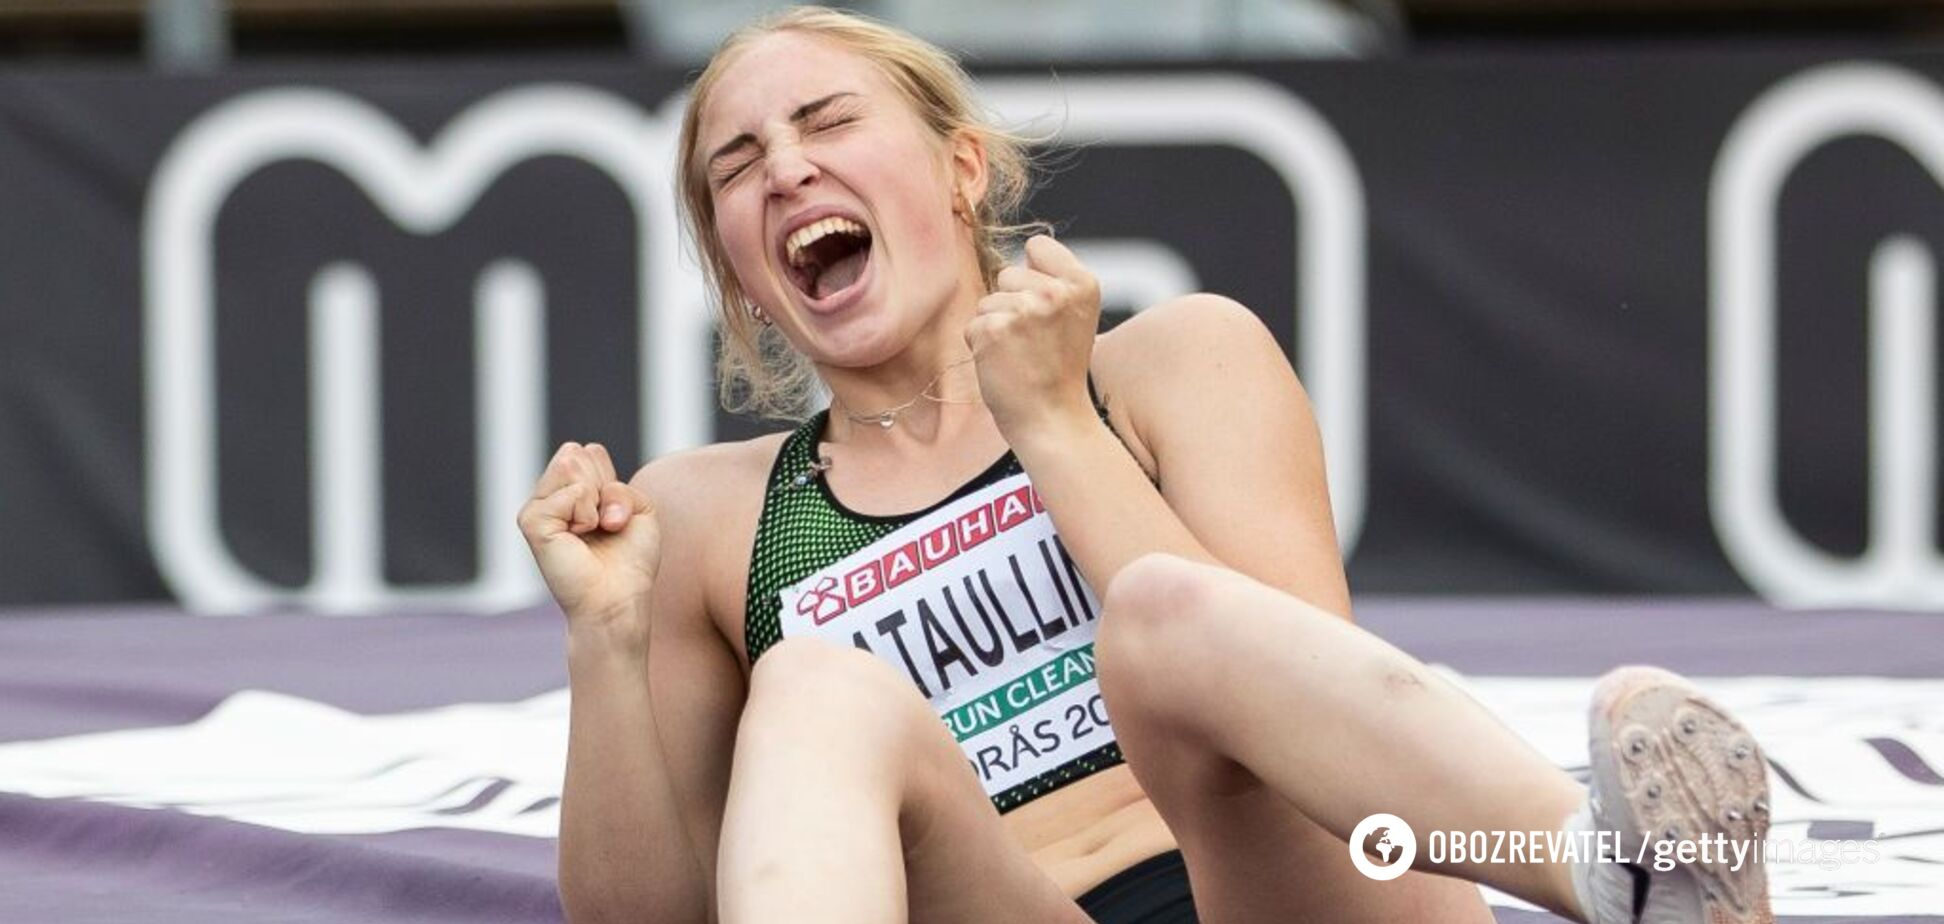 Россию отстранили от чемпионата мира по легкой атлетике, запретив символику РФ